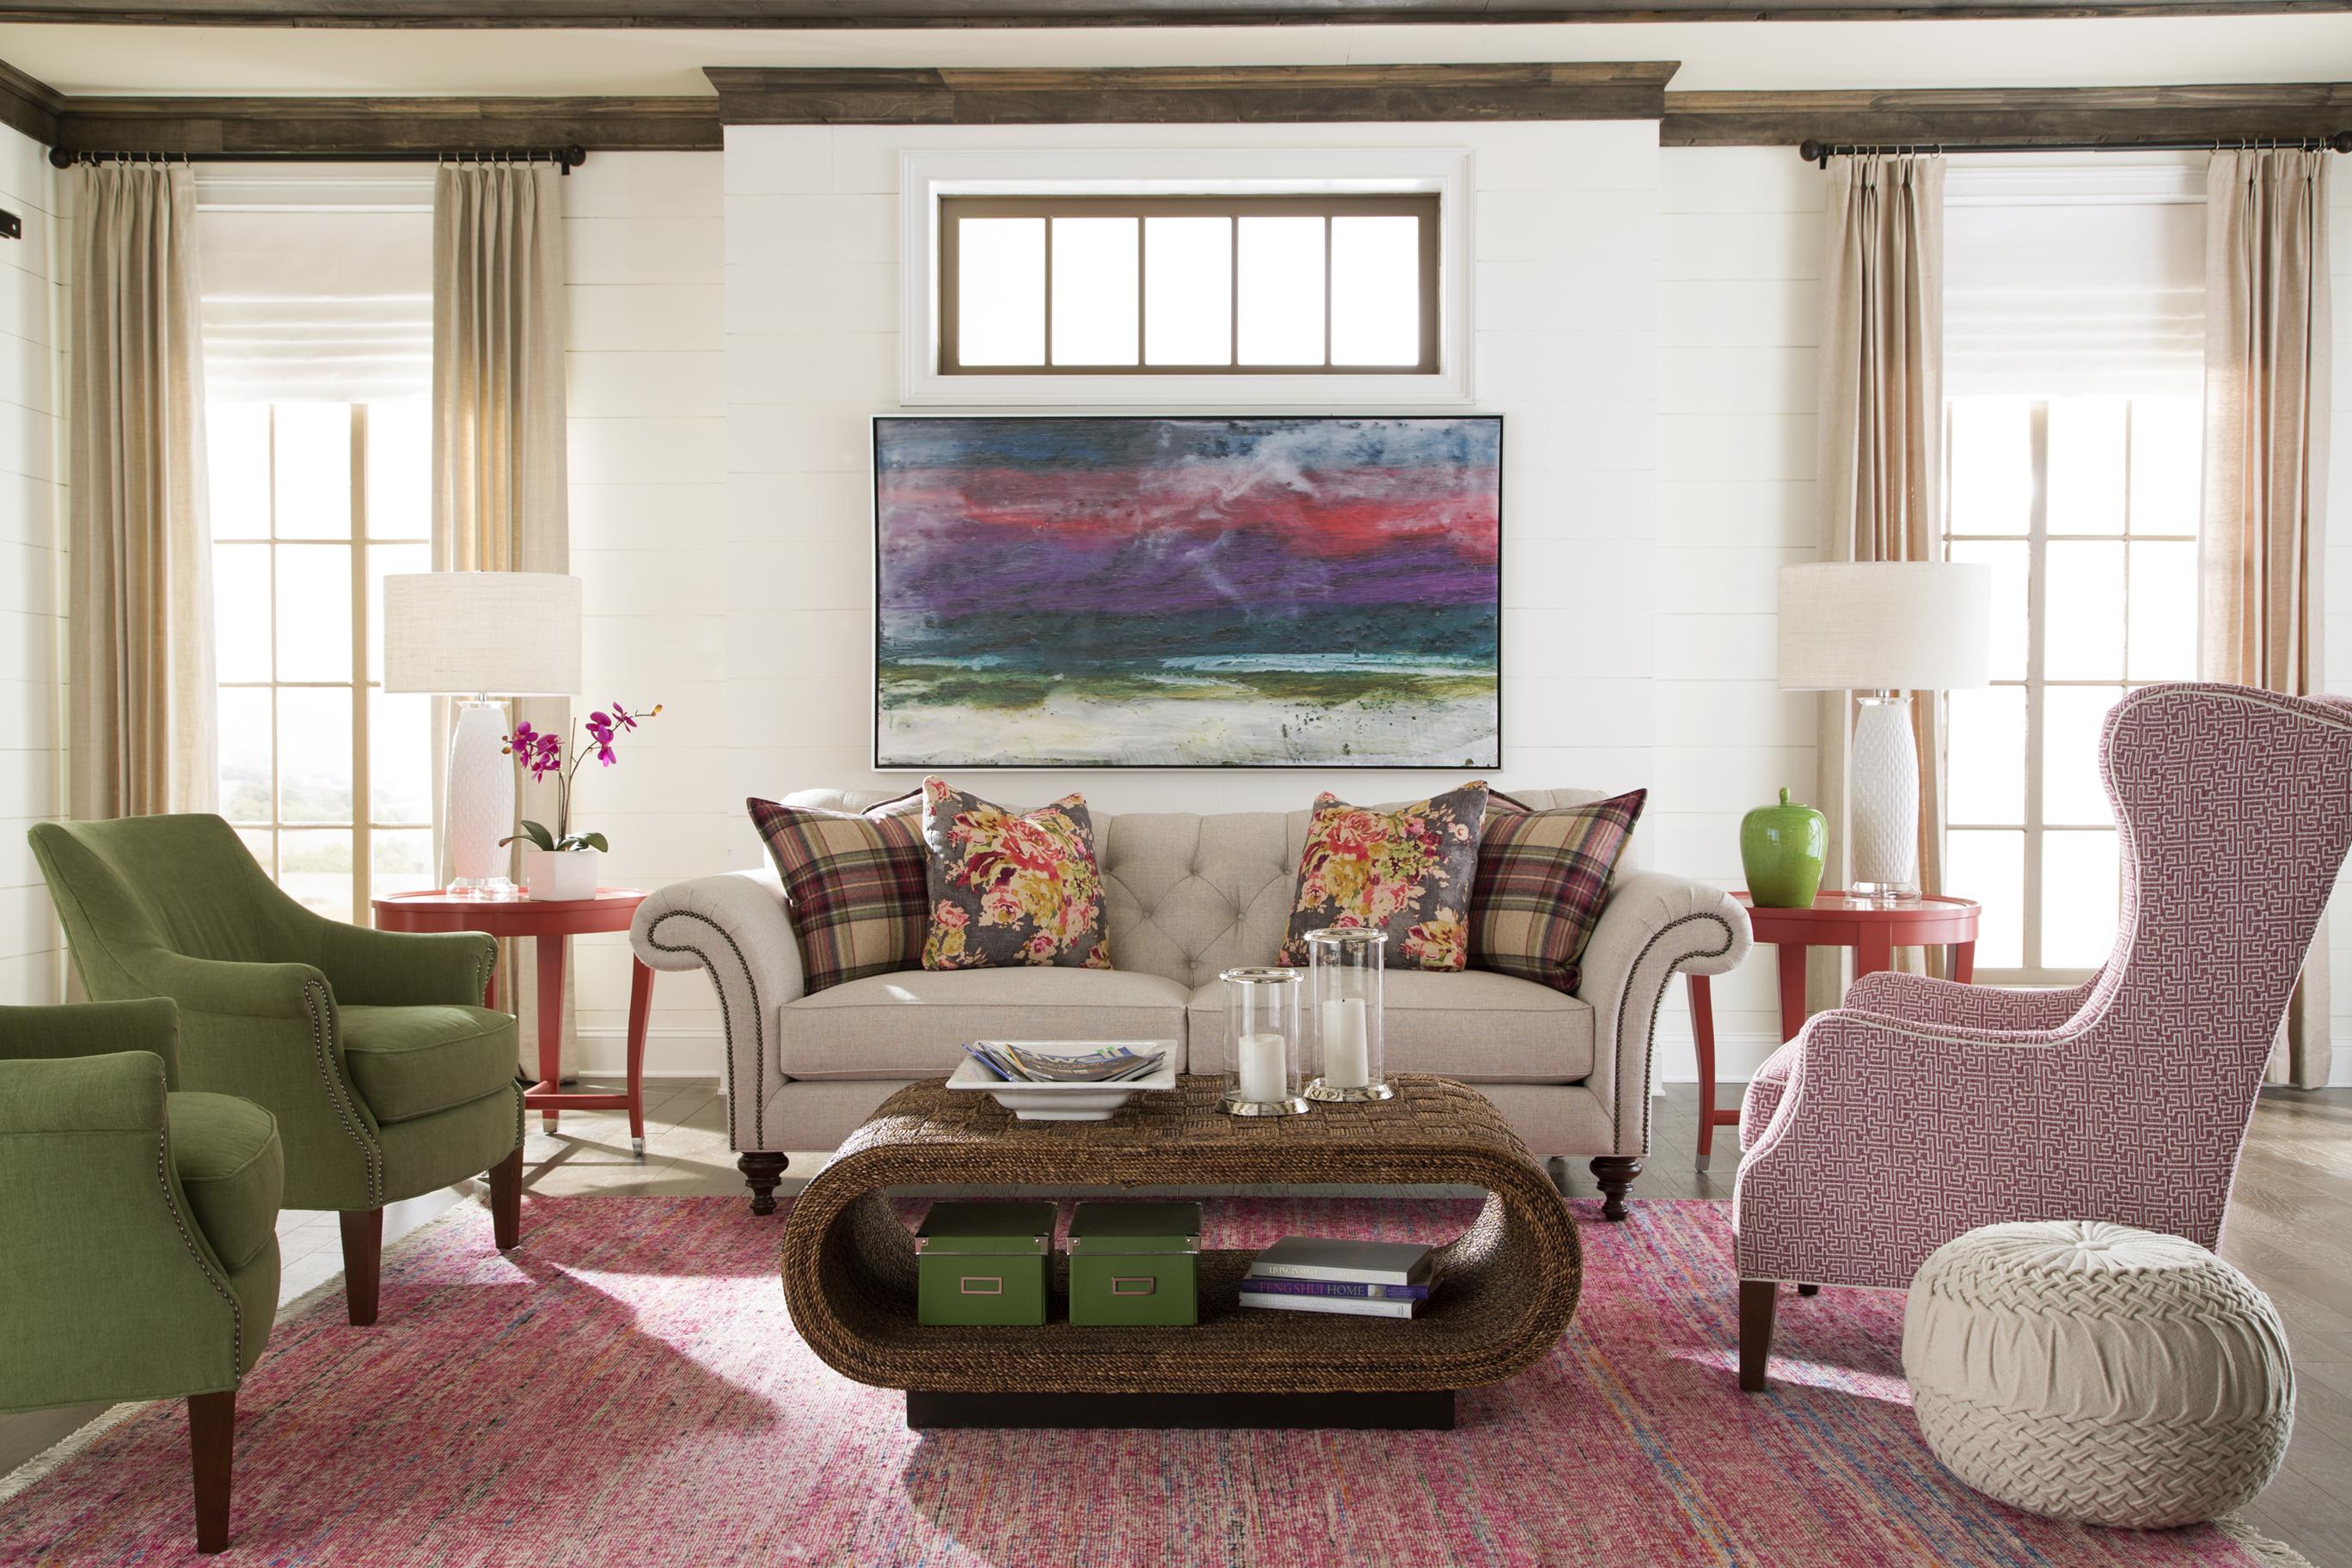 Decorate Like a Pro Saratoga Signature Furniture and Interiors